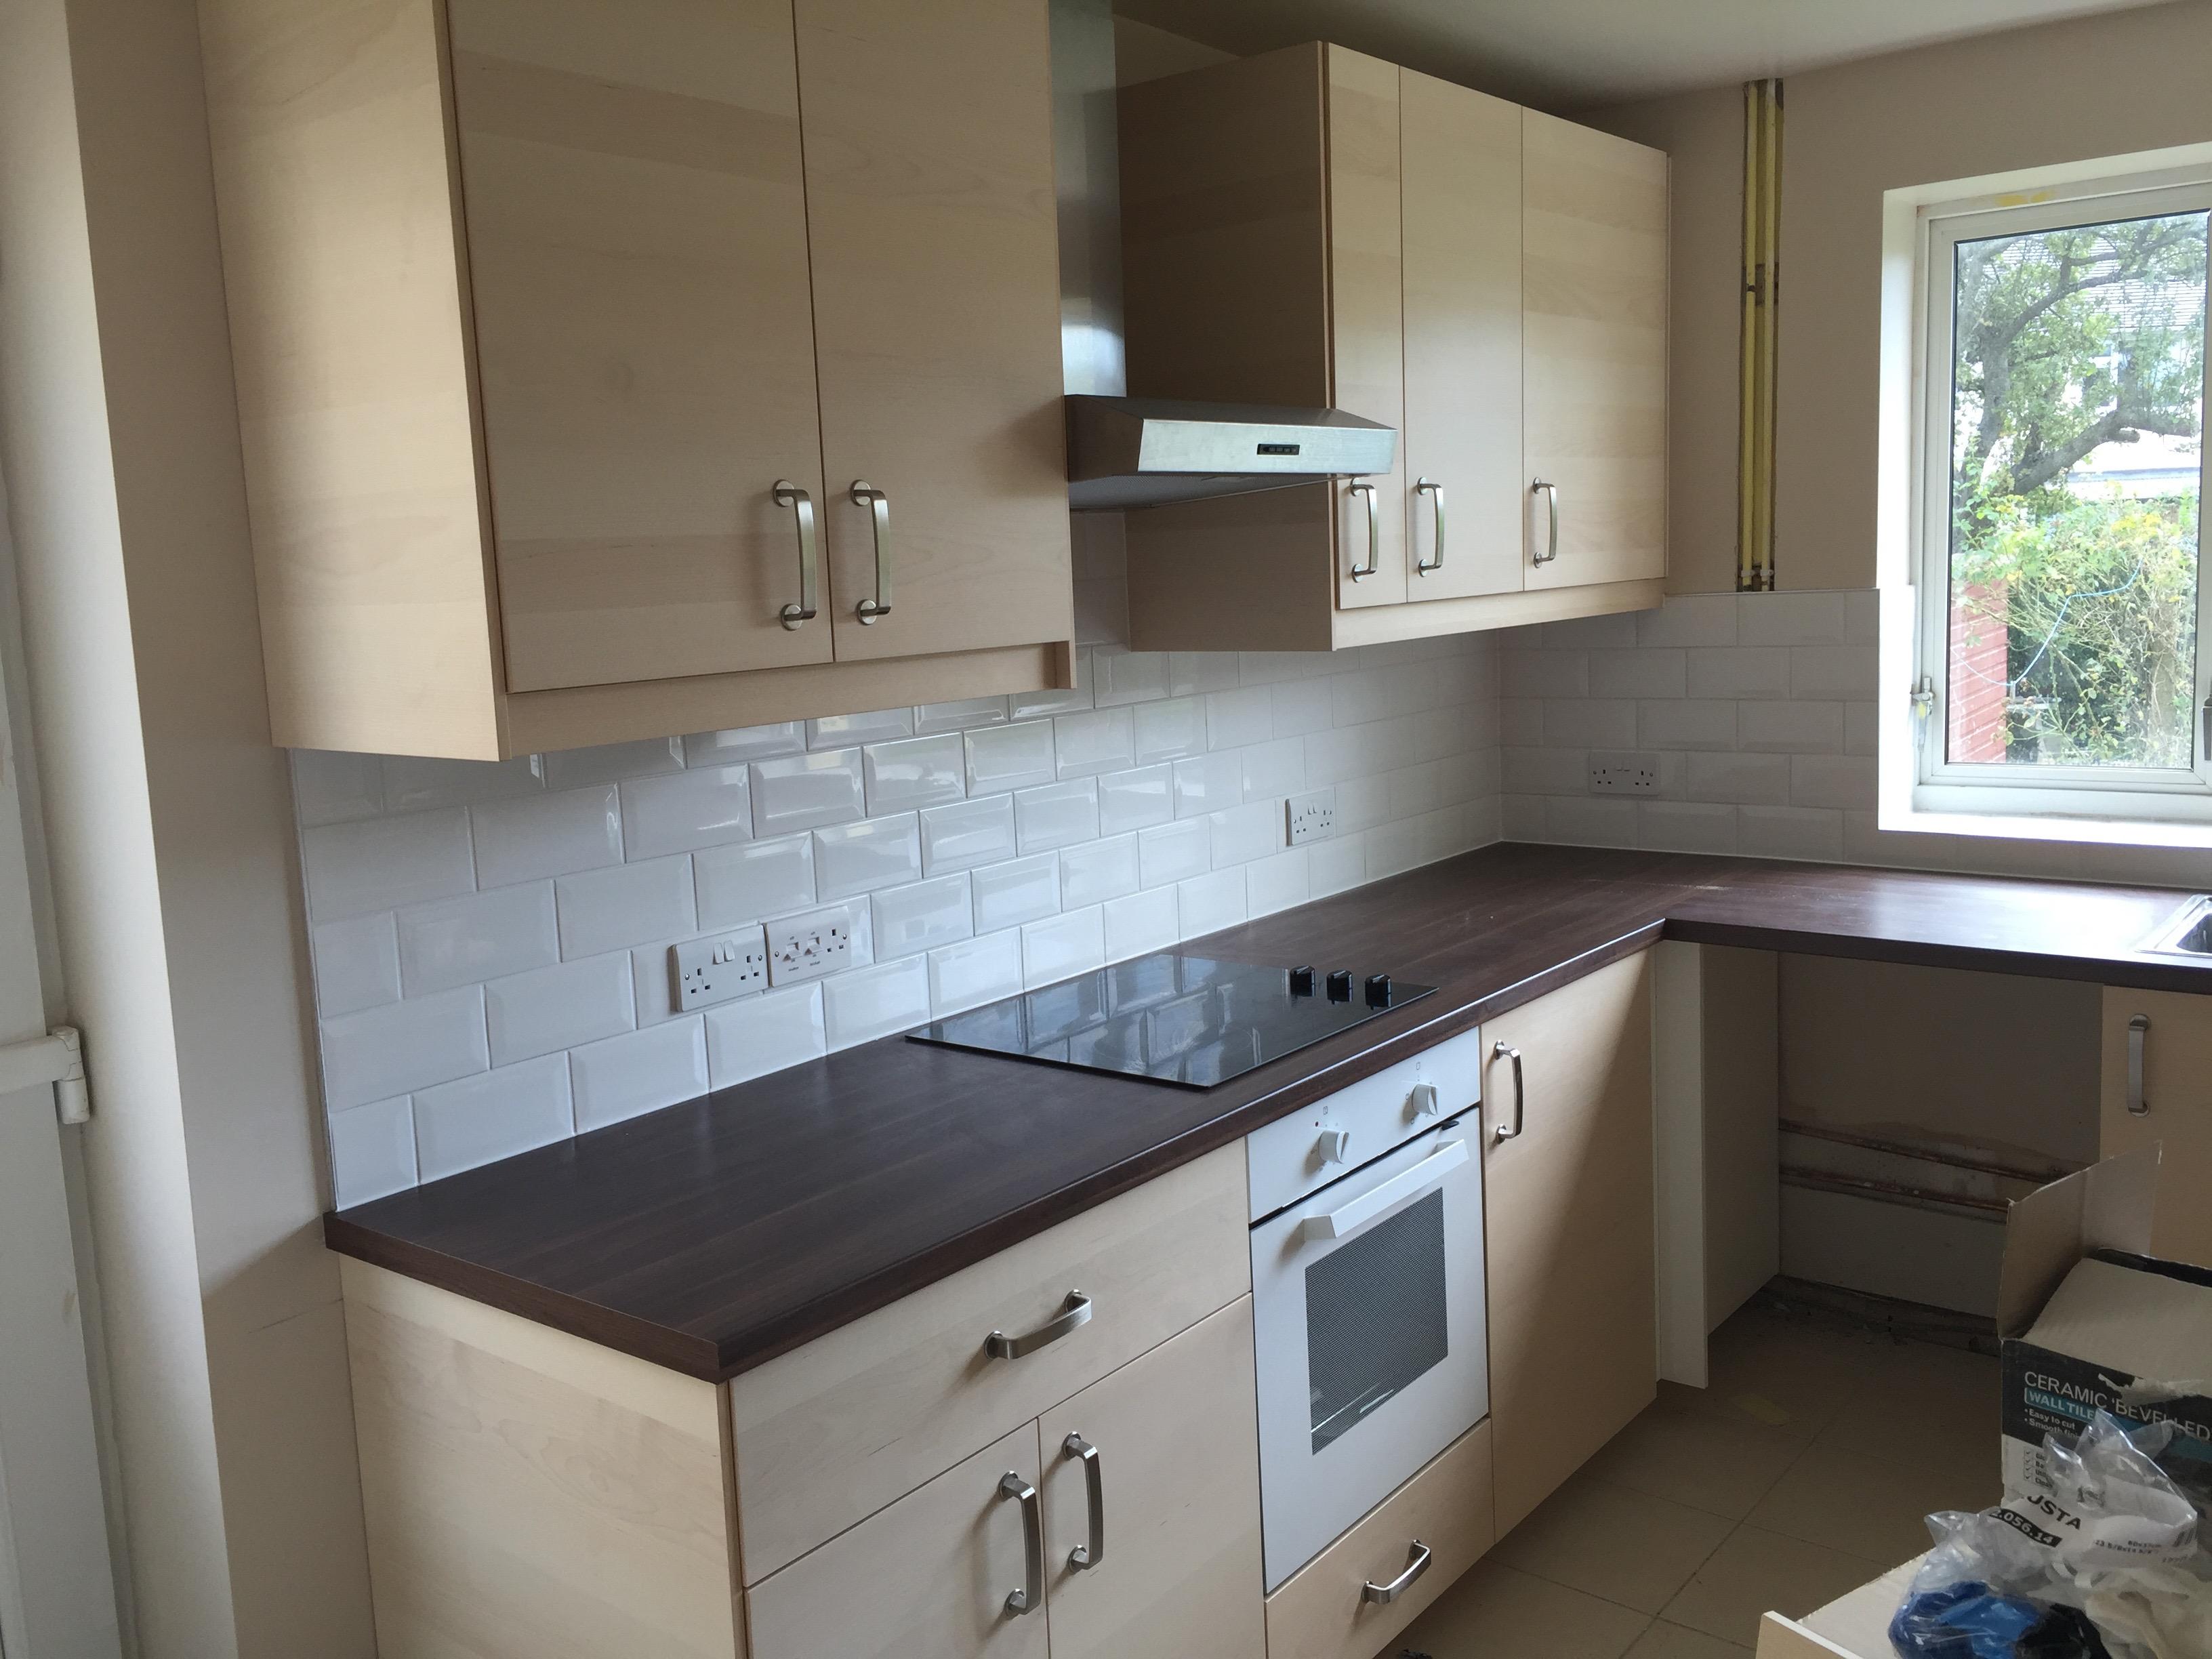 Kitchen Refit Birch with Walnut Worktops – Matt James Home Improvements